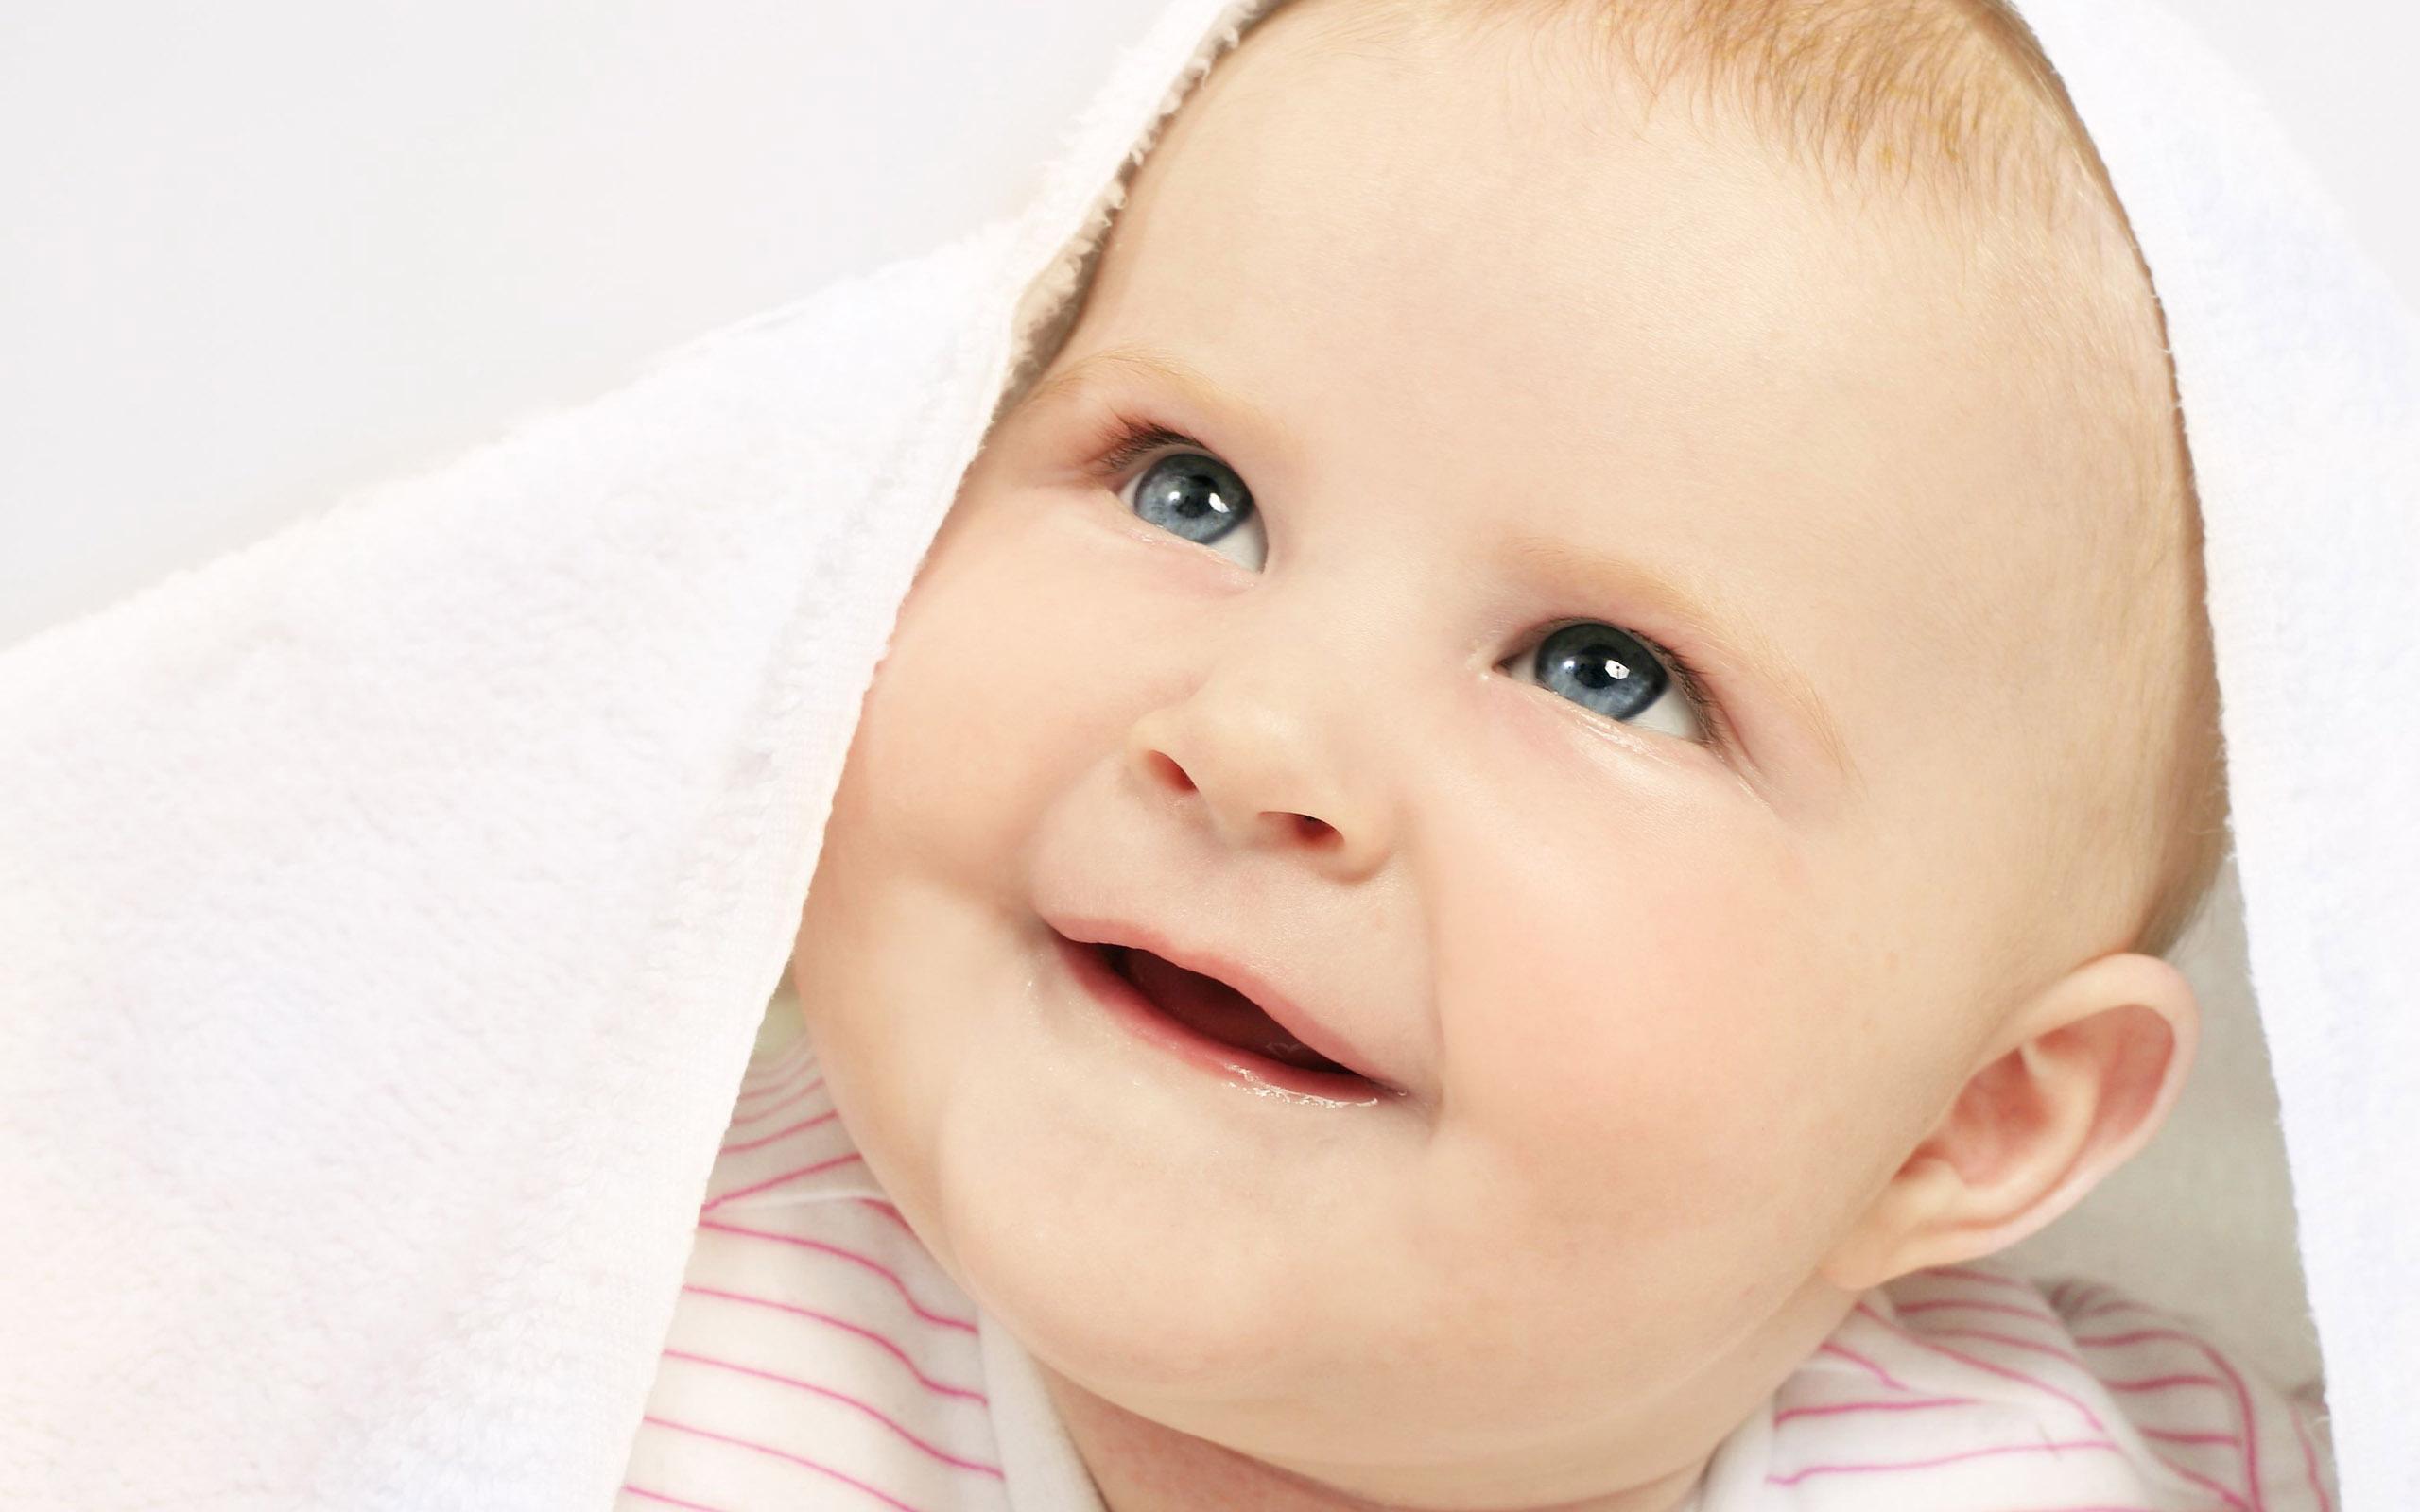 74 New Baby Backgrounds On Wallpapersafari